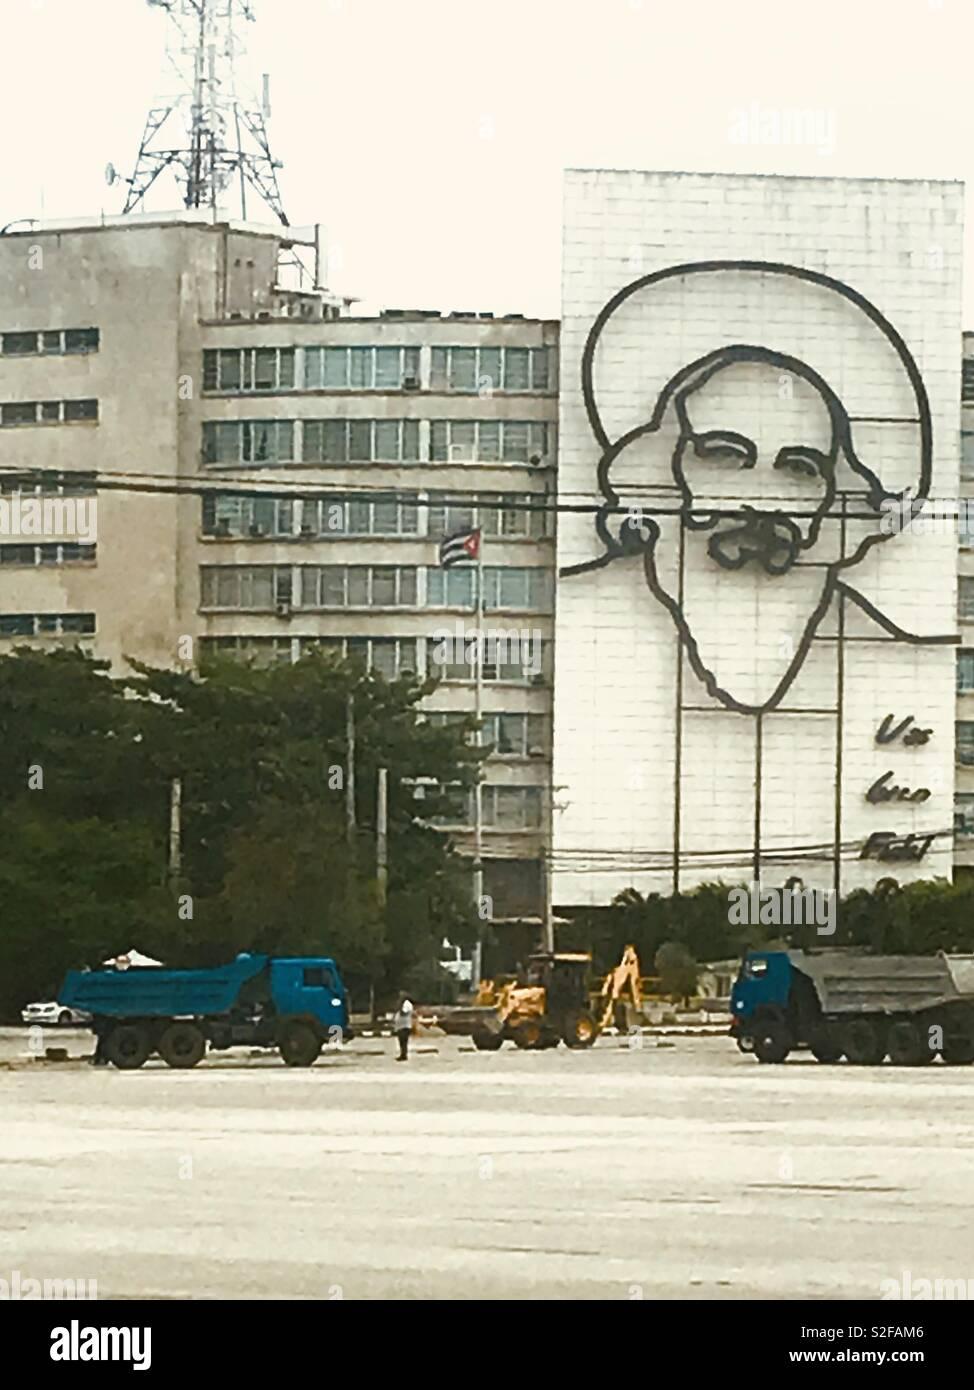 """Camilo Cienfuegos contorno facial en un edificio del gobierno, uno de los mejores comandantes guerrilleros de Castro, conocido como el """"Héroe de Yaguajay"""" después de ganar una batalla decisiva de la Revolución Cubana. Imagen De Stock"""